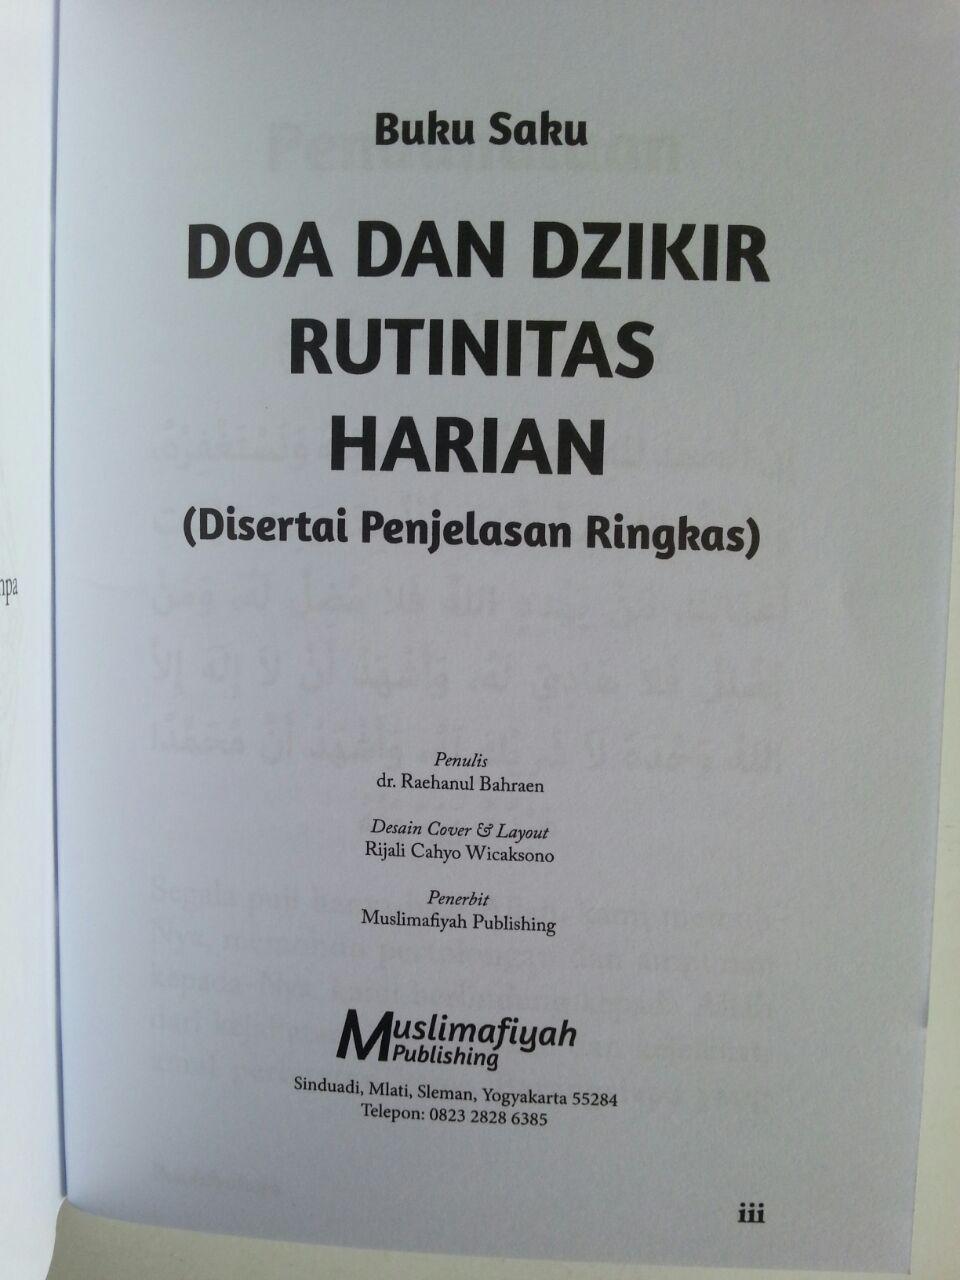 Buku Saku Doa Dan Dzikir Rutinitas Harian Disertai Penjelasan Ringkas isi 2